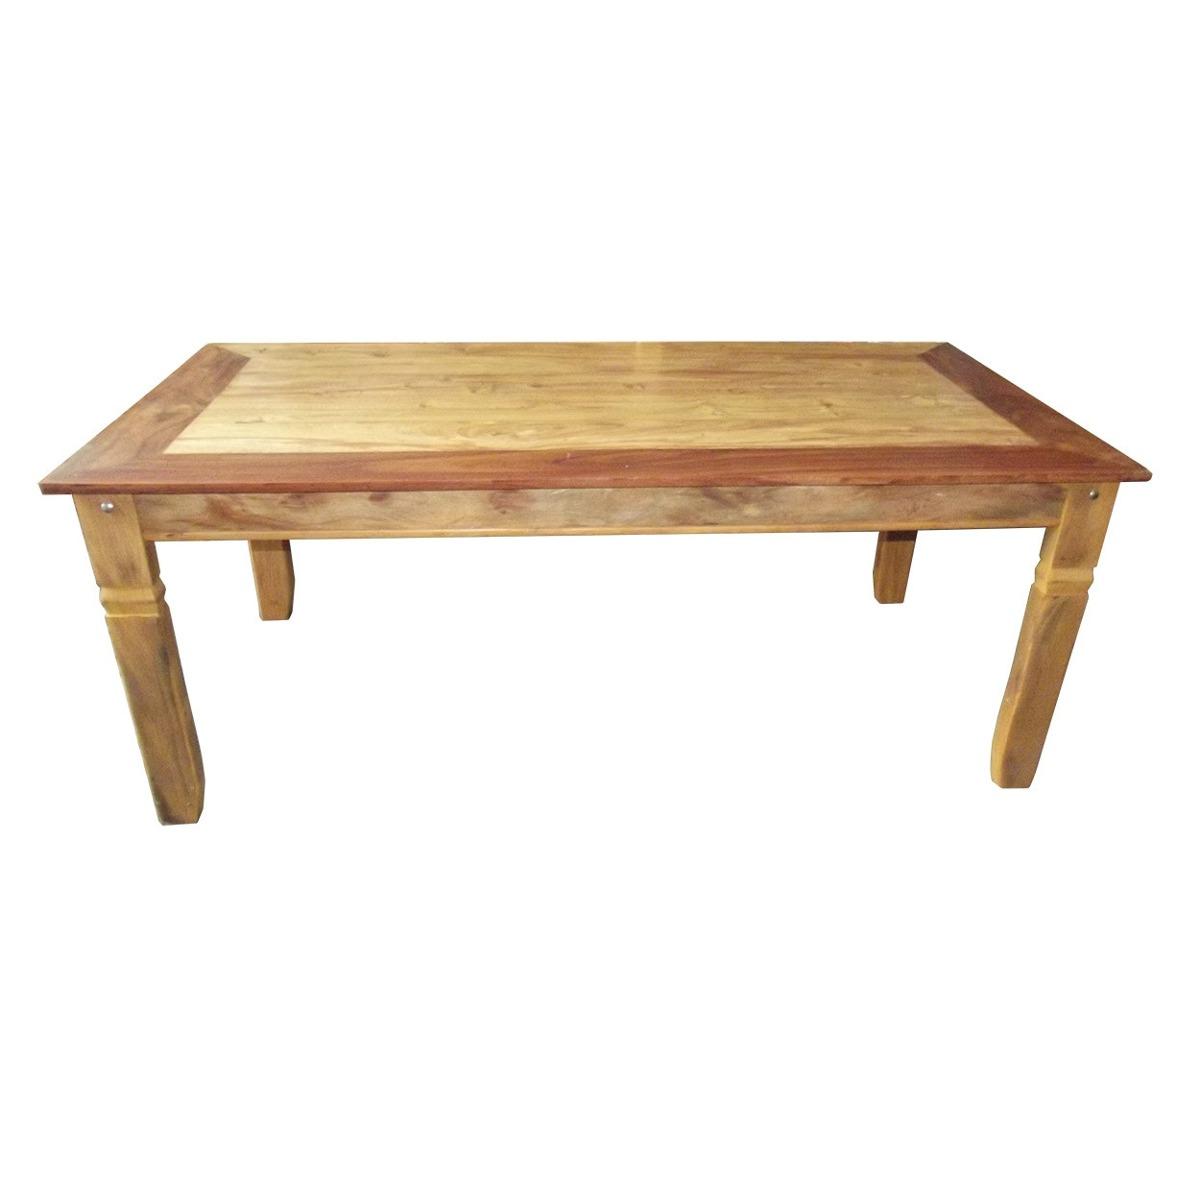 Mesa de demoli o p palito r 750 00 em mercado livre for Modelos de mesas rusticas de madera